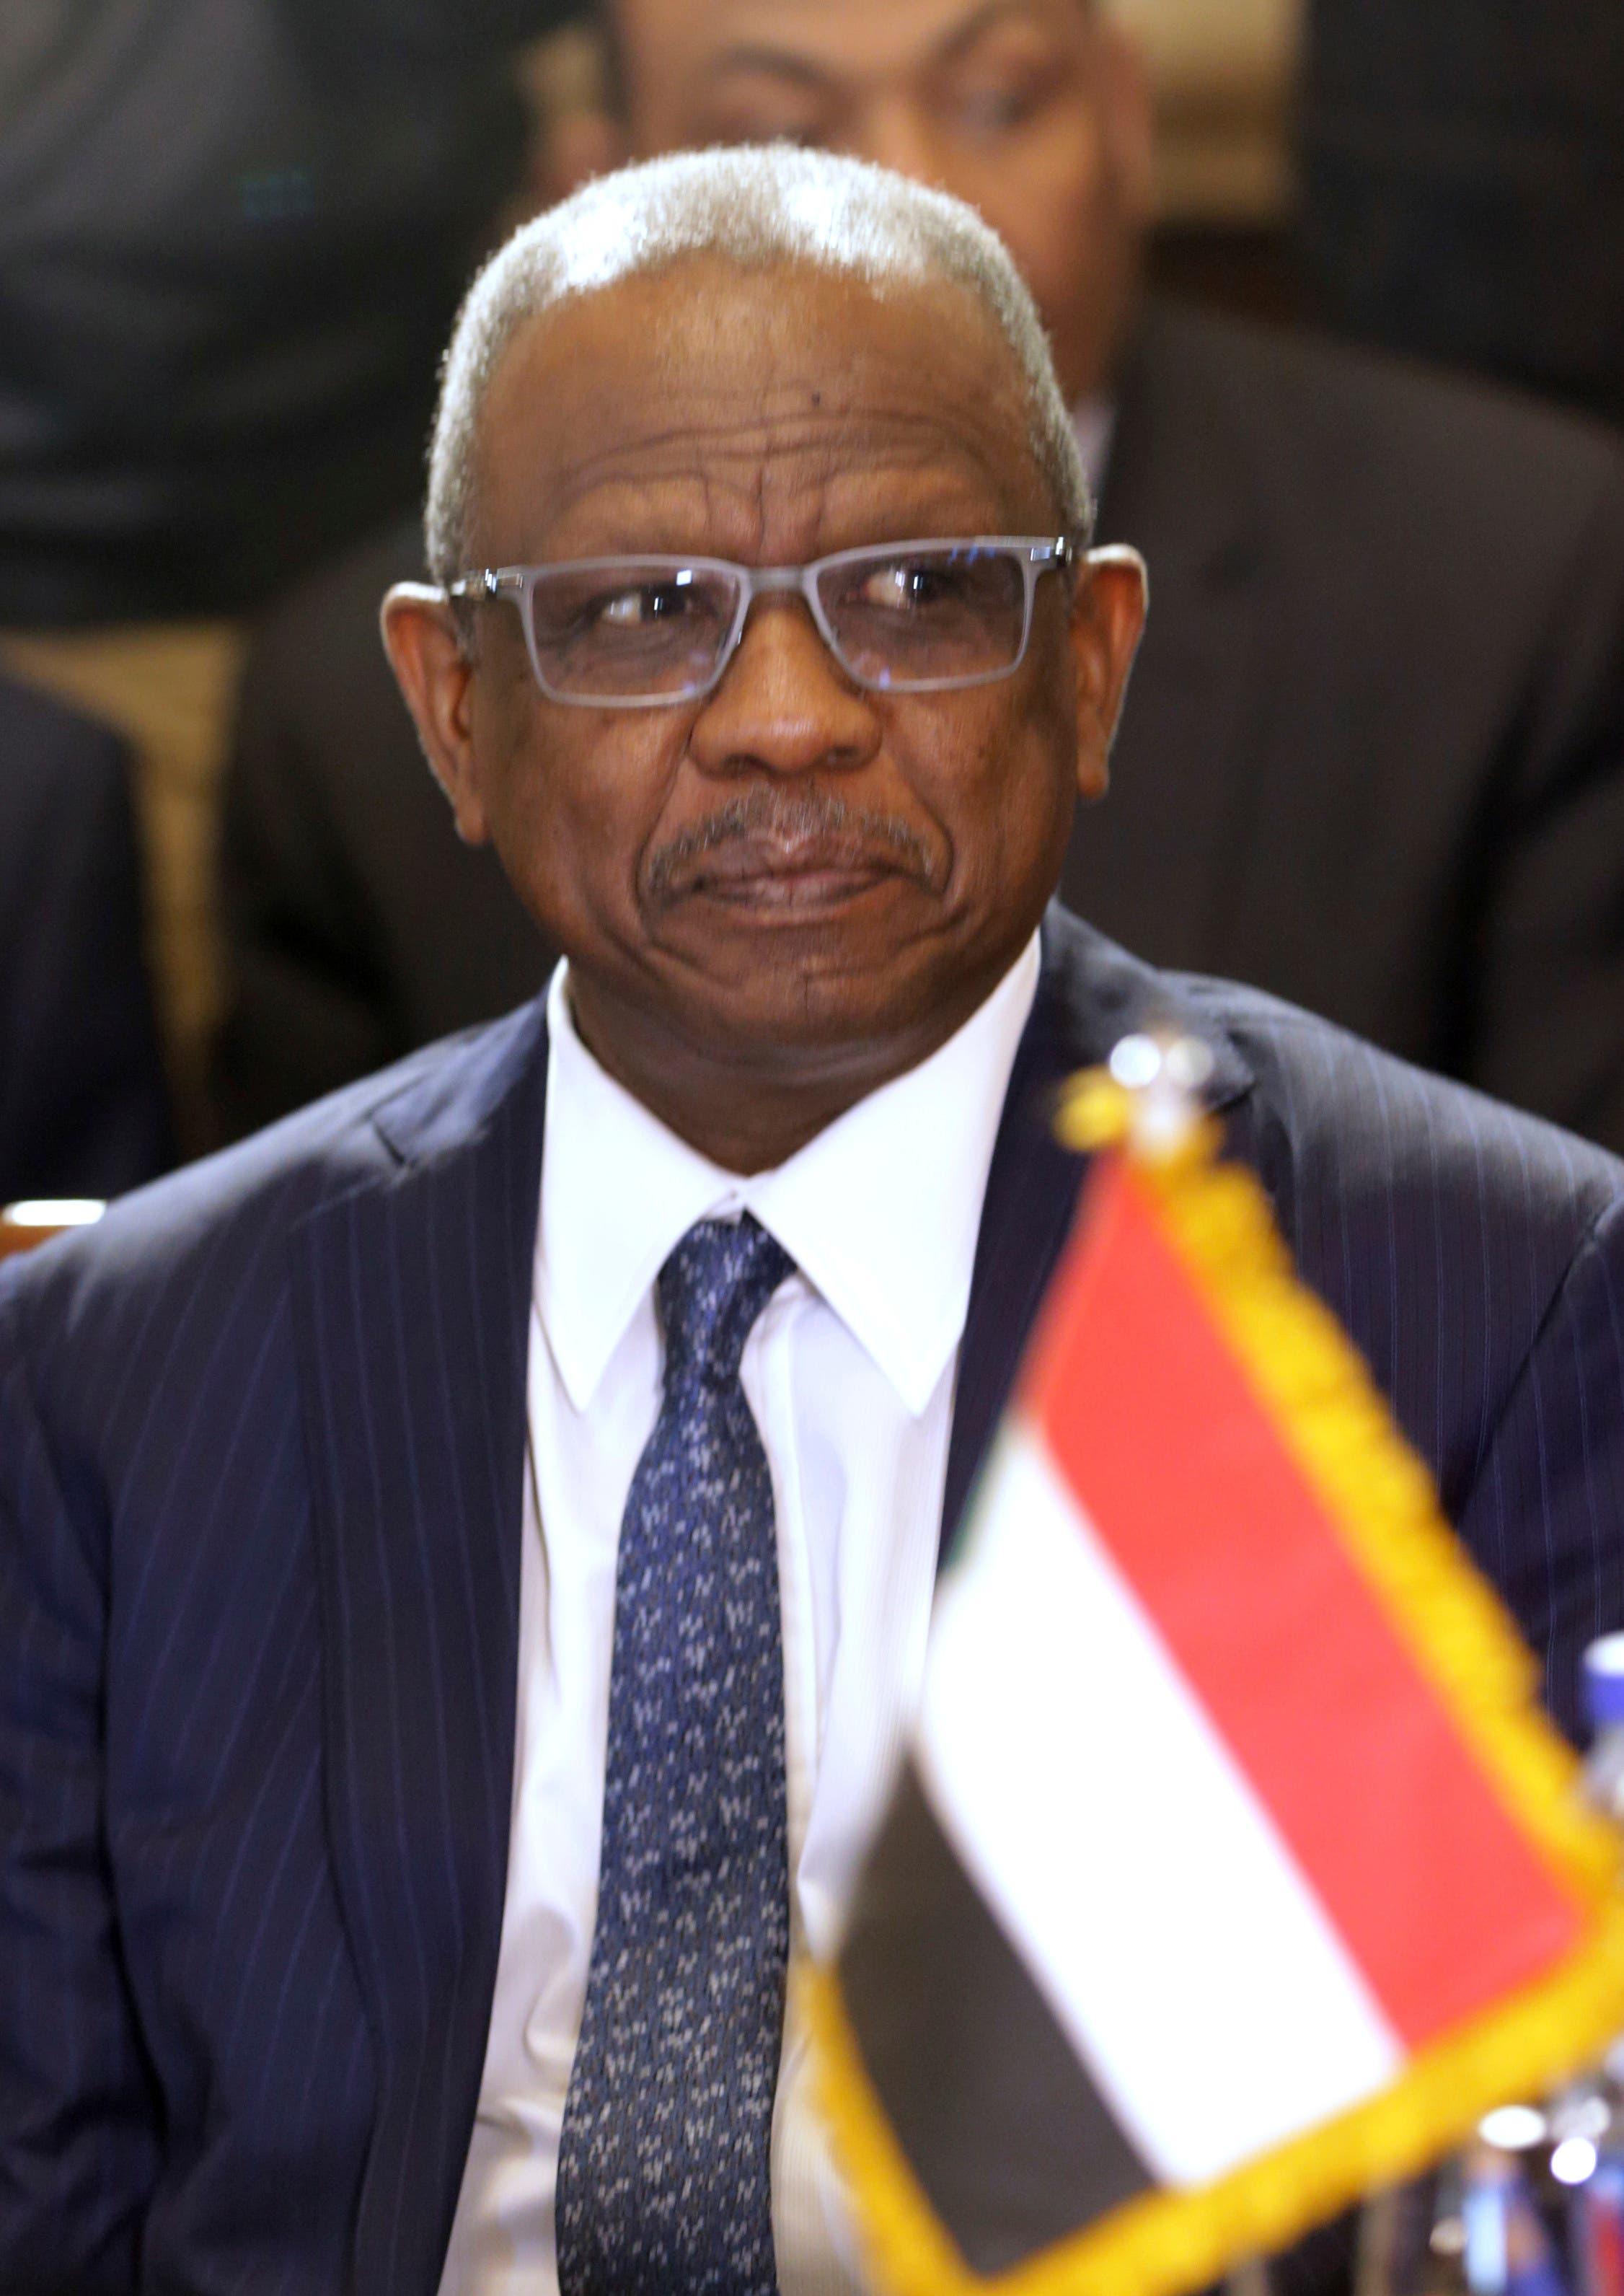 رئيس جهاز الأمن والمخابرات السوداني المقال محمد عطا